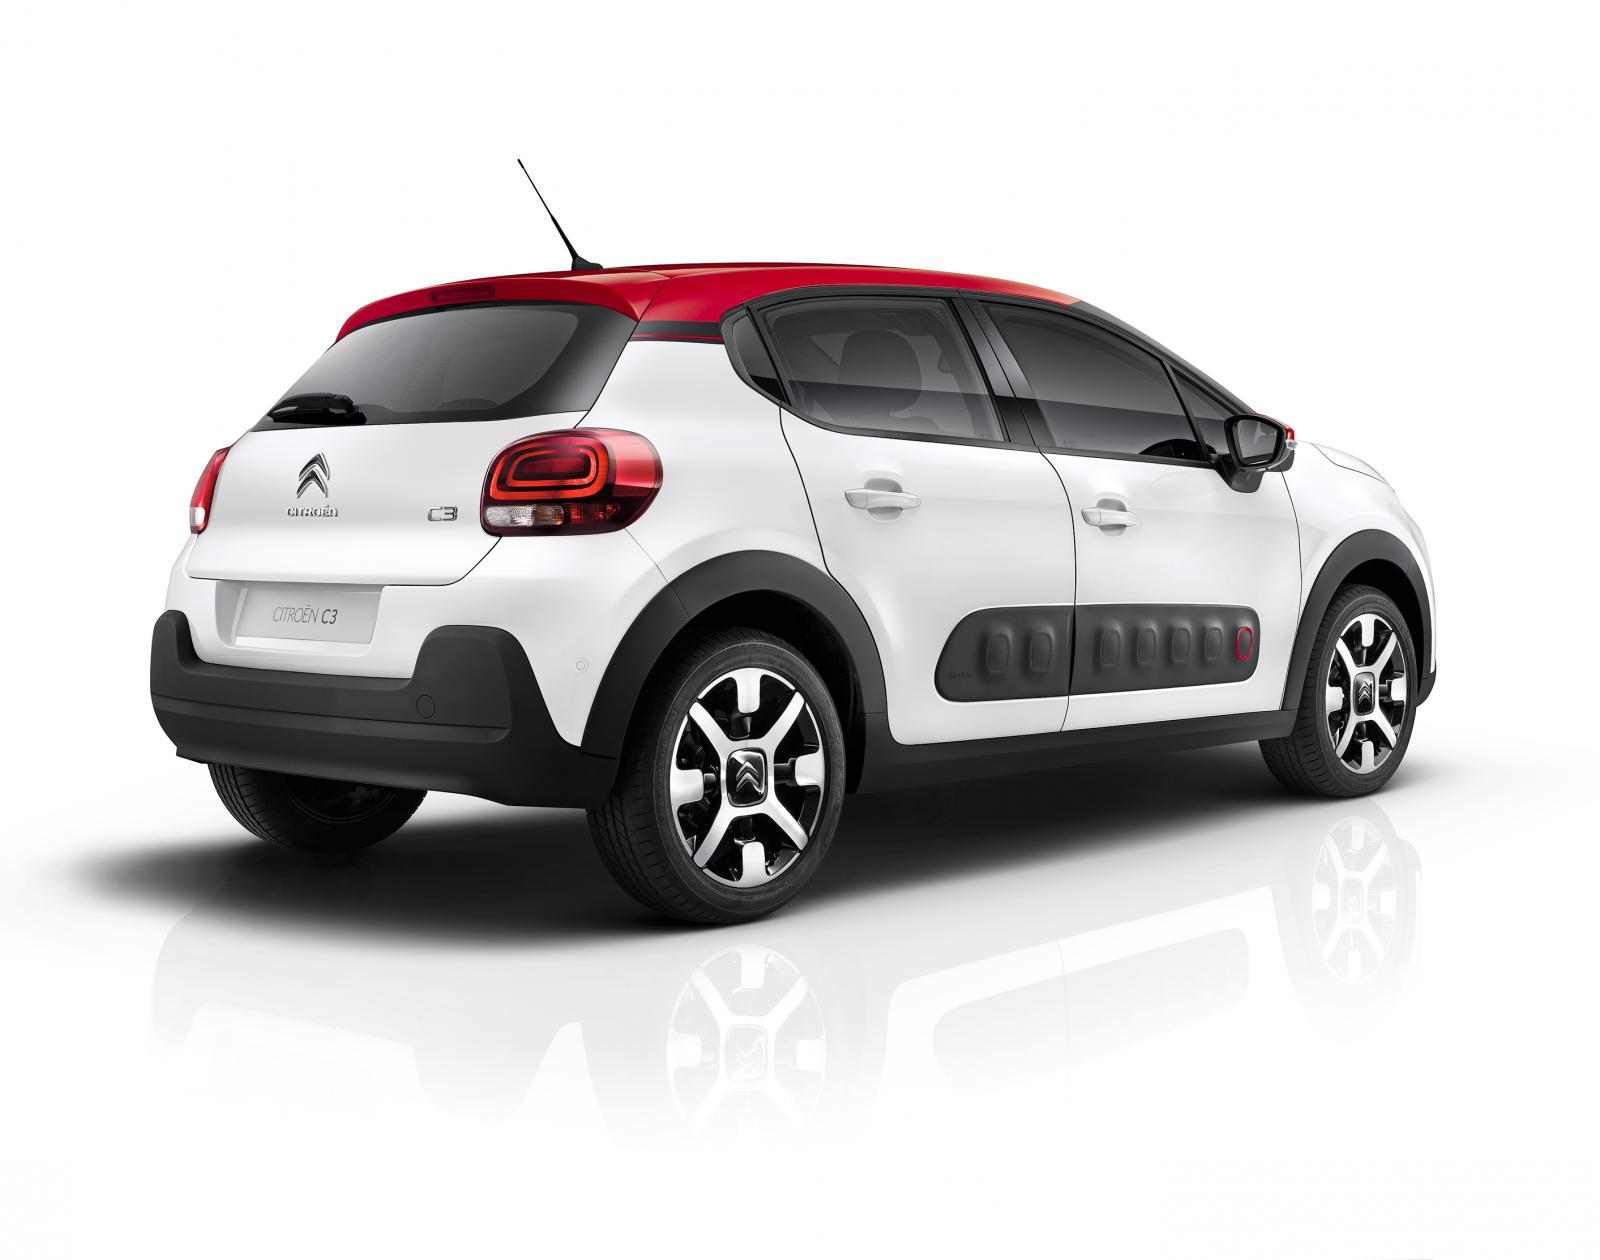 Citroën C3 restylée (2020)